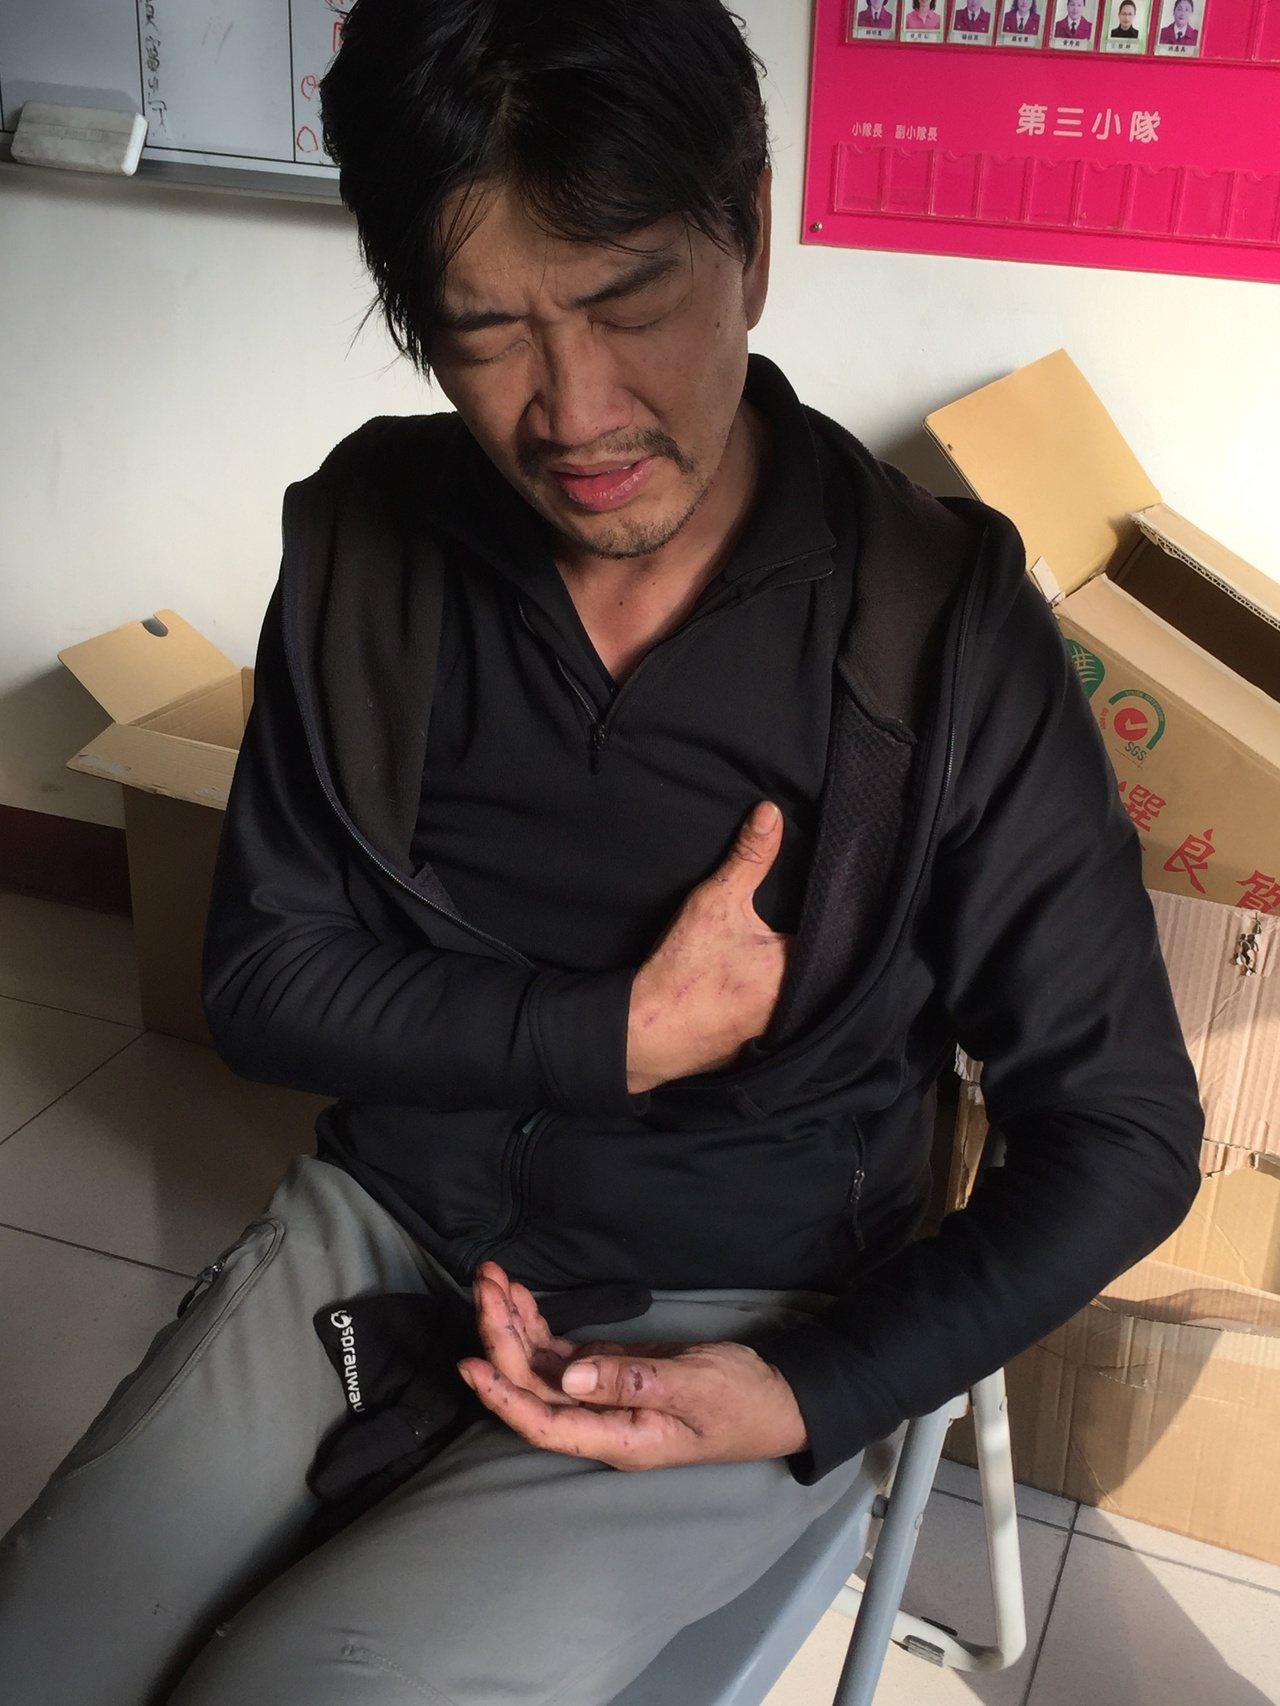 黃致遠受困山區12天獲救,他描述受困經過時,左胸傷口仍相當疼痛。記者江良誠/攝影